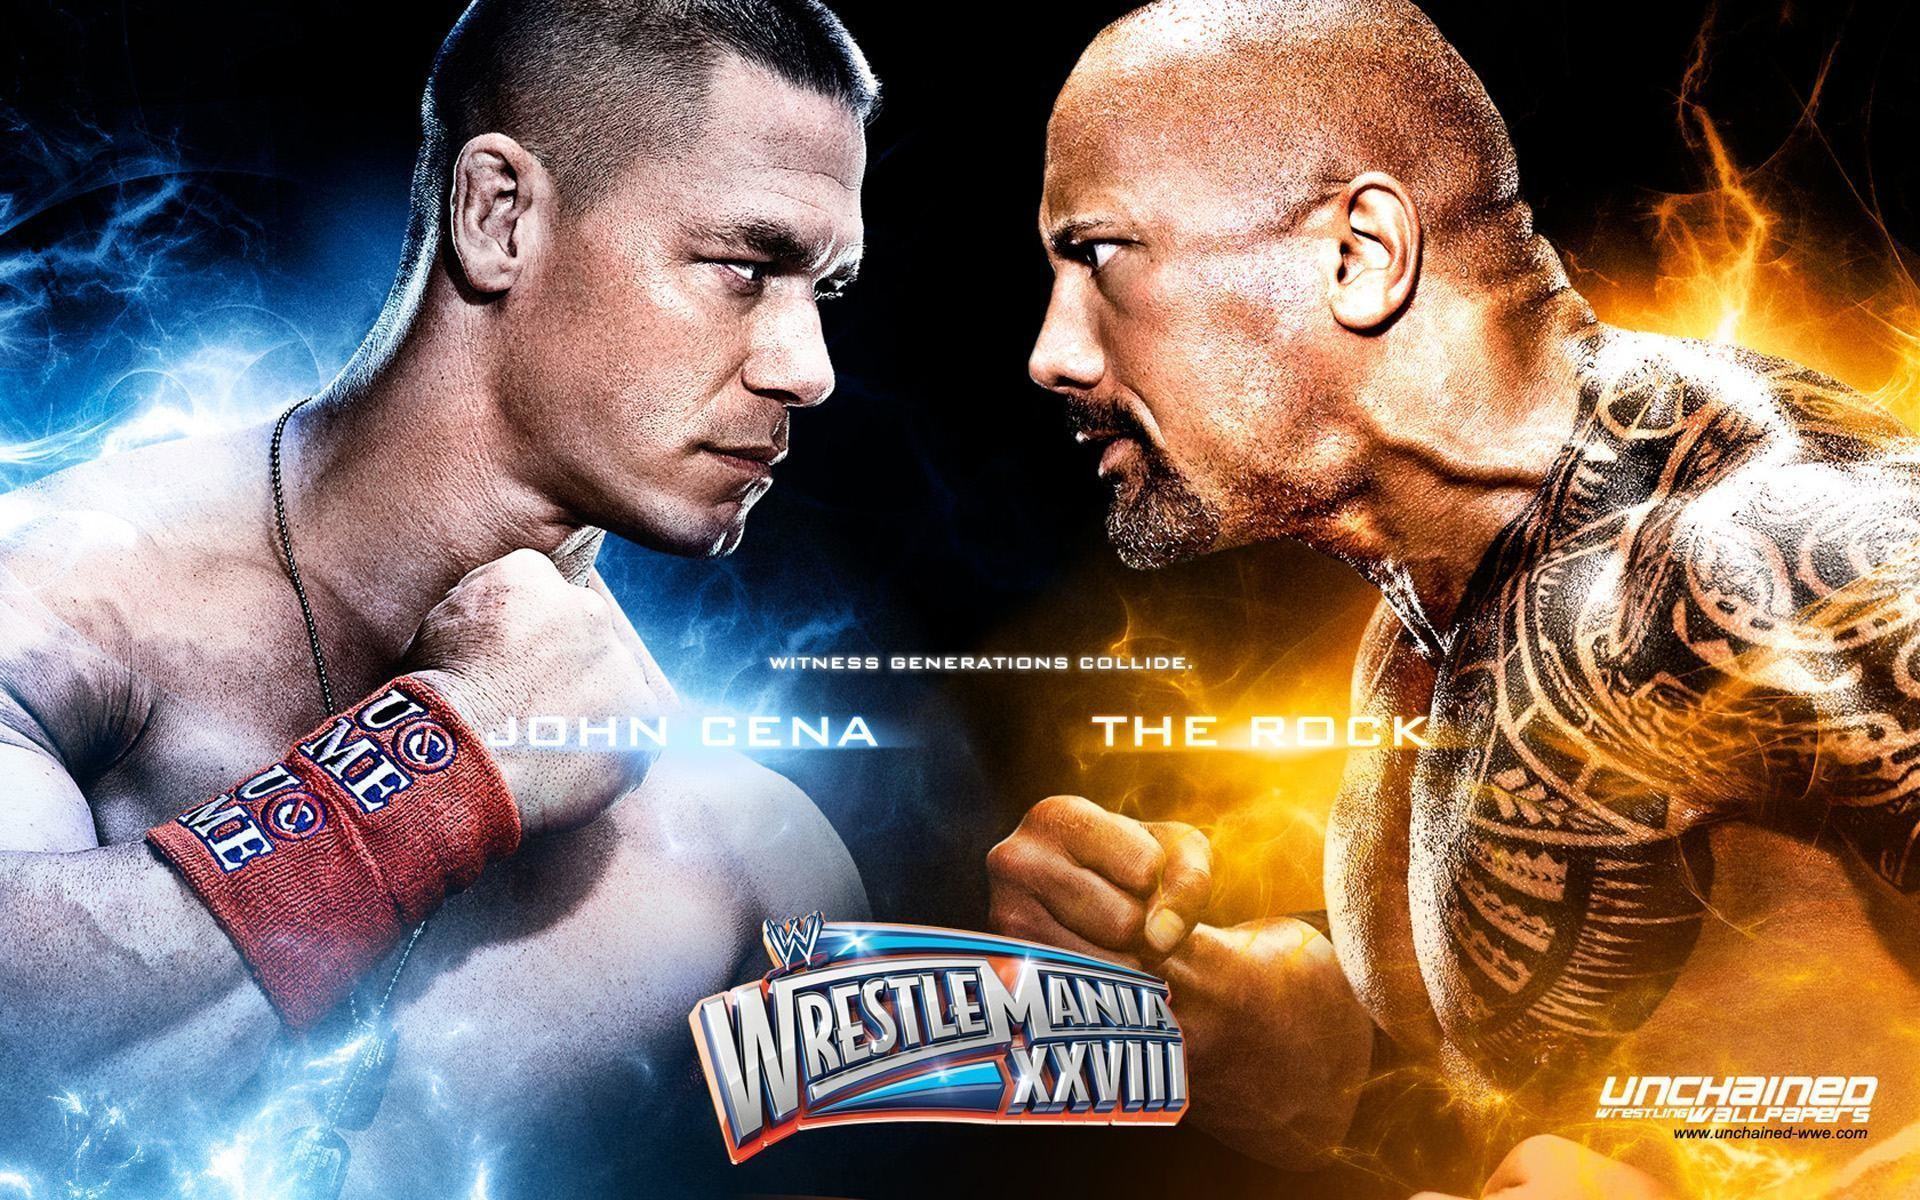 1920x1200 Unchained WWE Wrestling Wallpapers Rock Vs John Cena HD Wallpaper